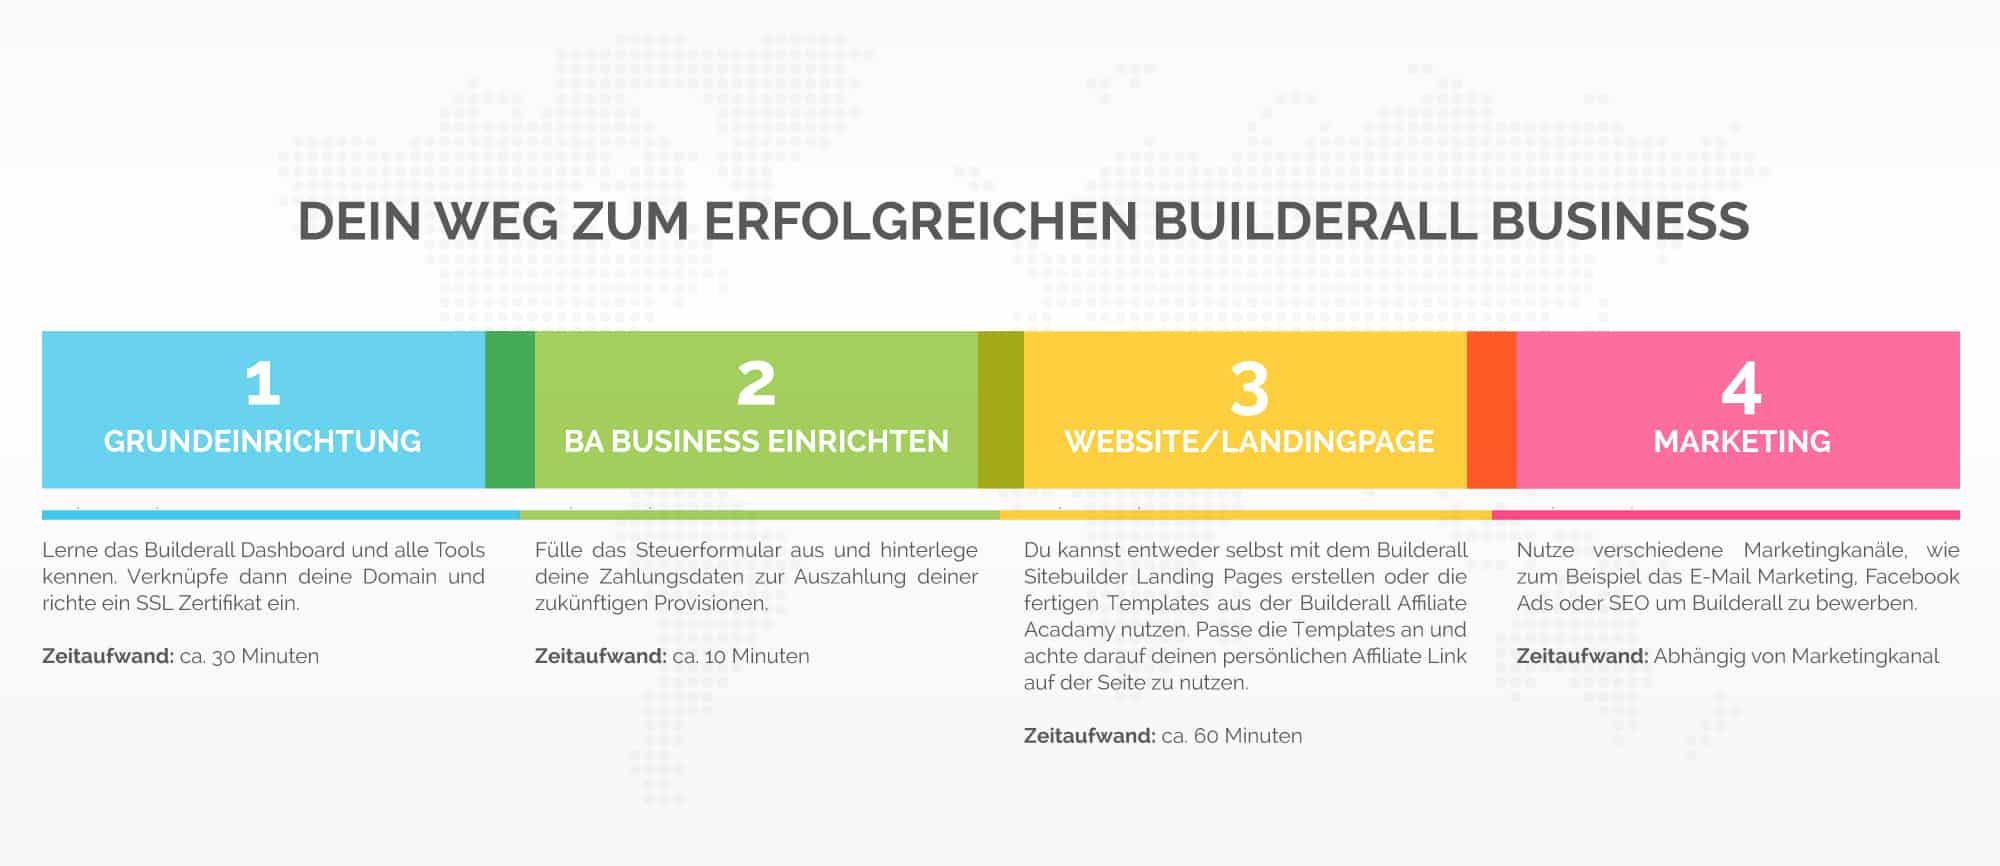 builderall business aufbauen